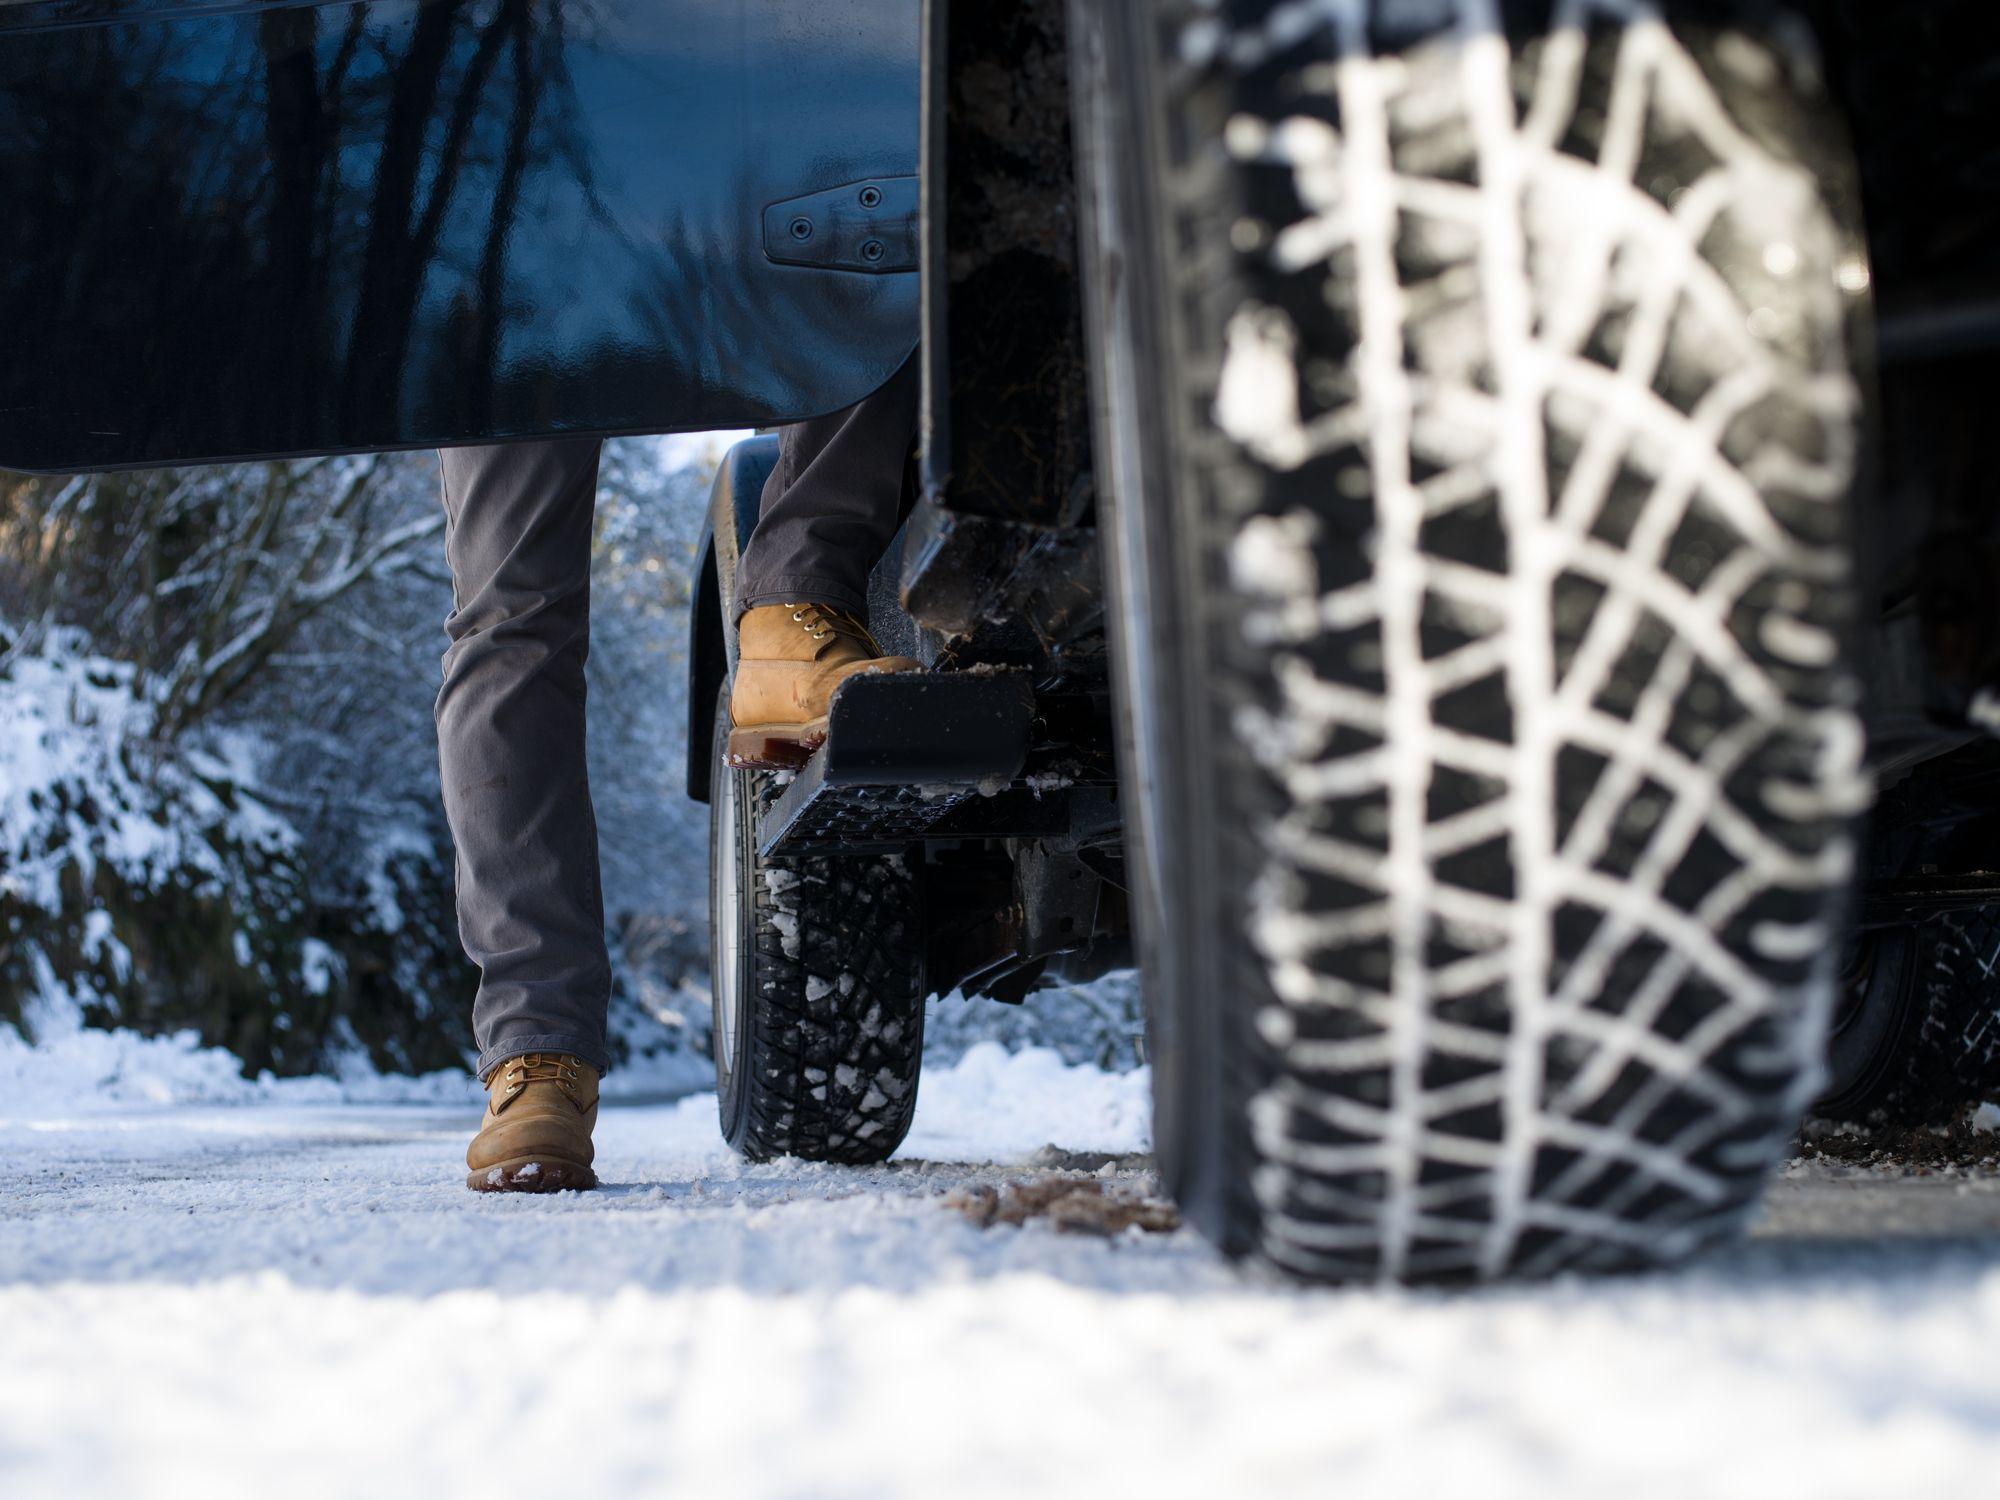 Stigao je novembar i sezona zimskih guma